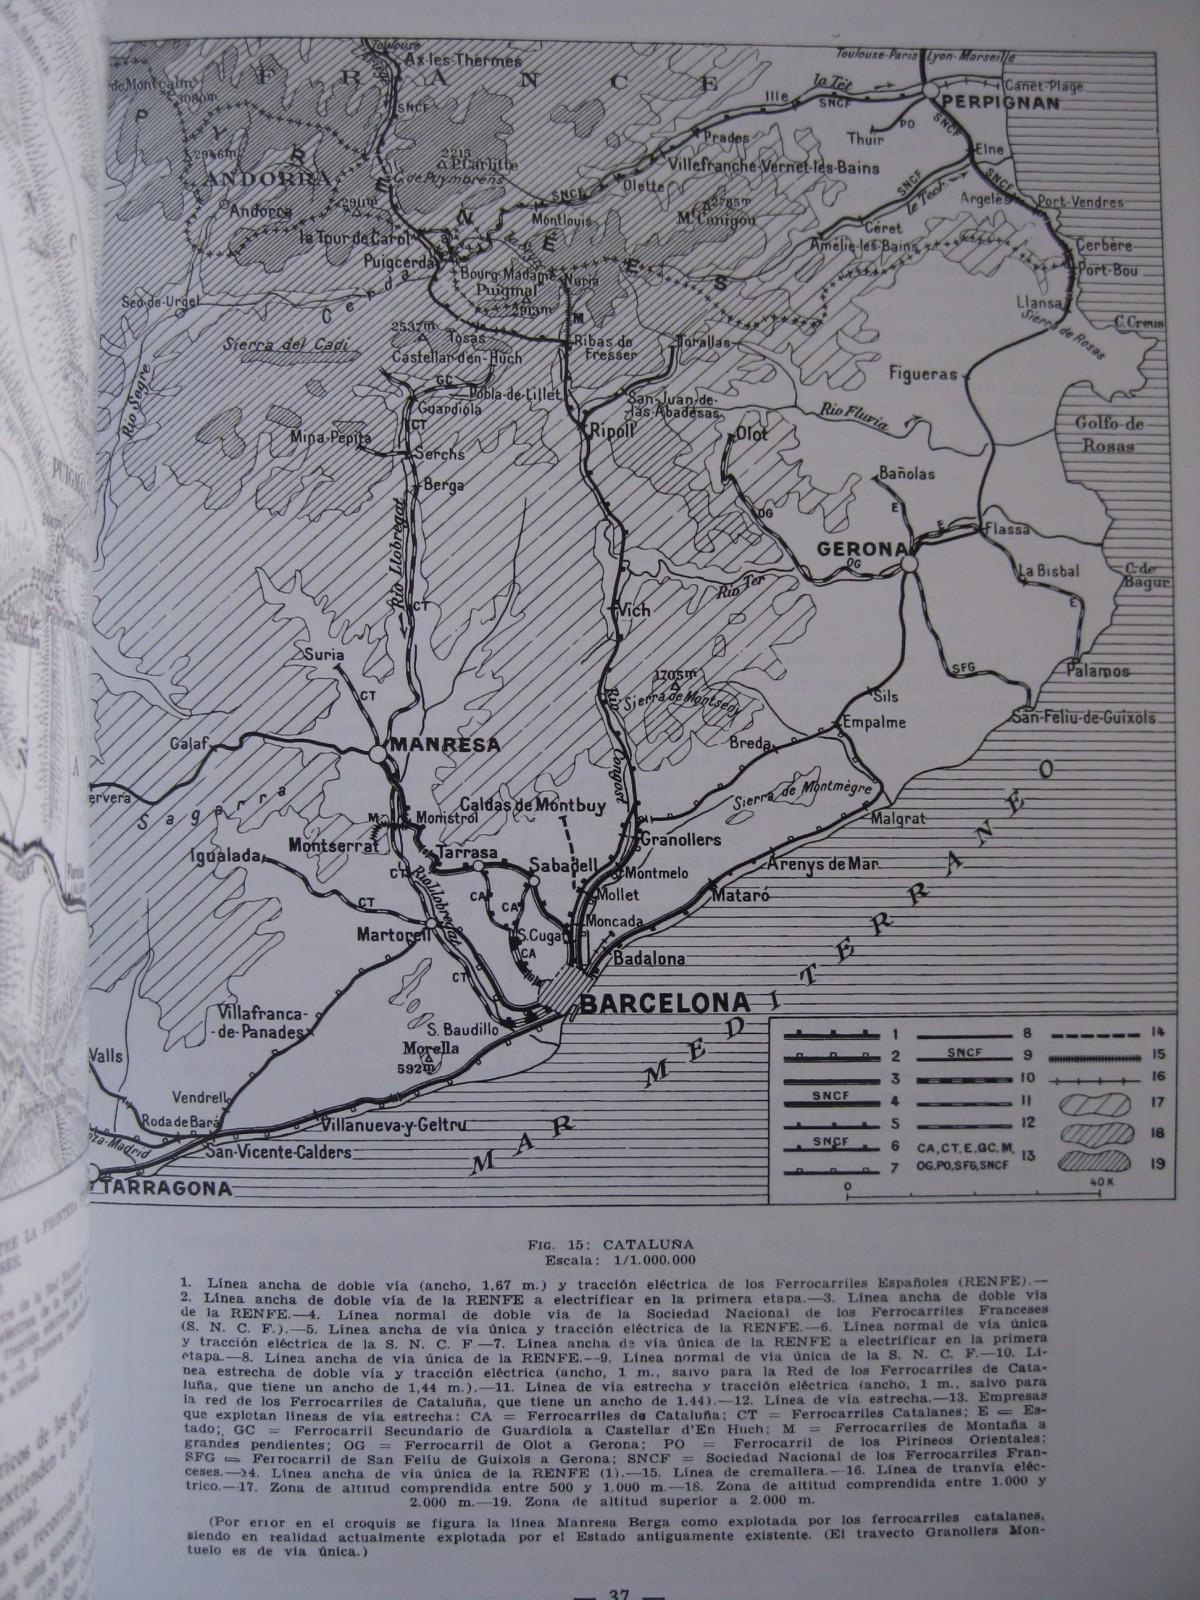 El Ferrocarril a Catalunya Pvhhy